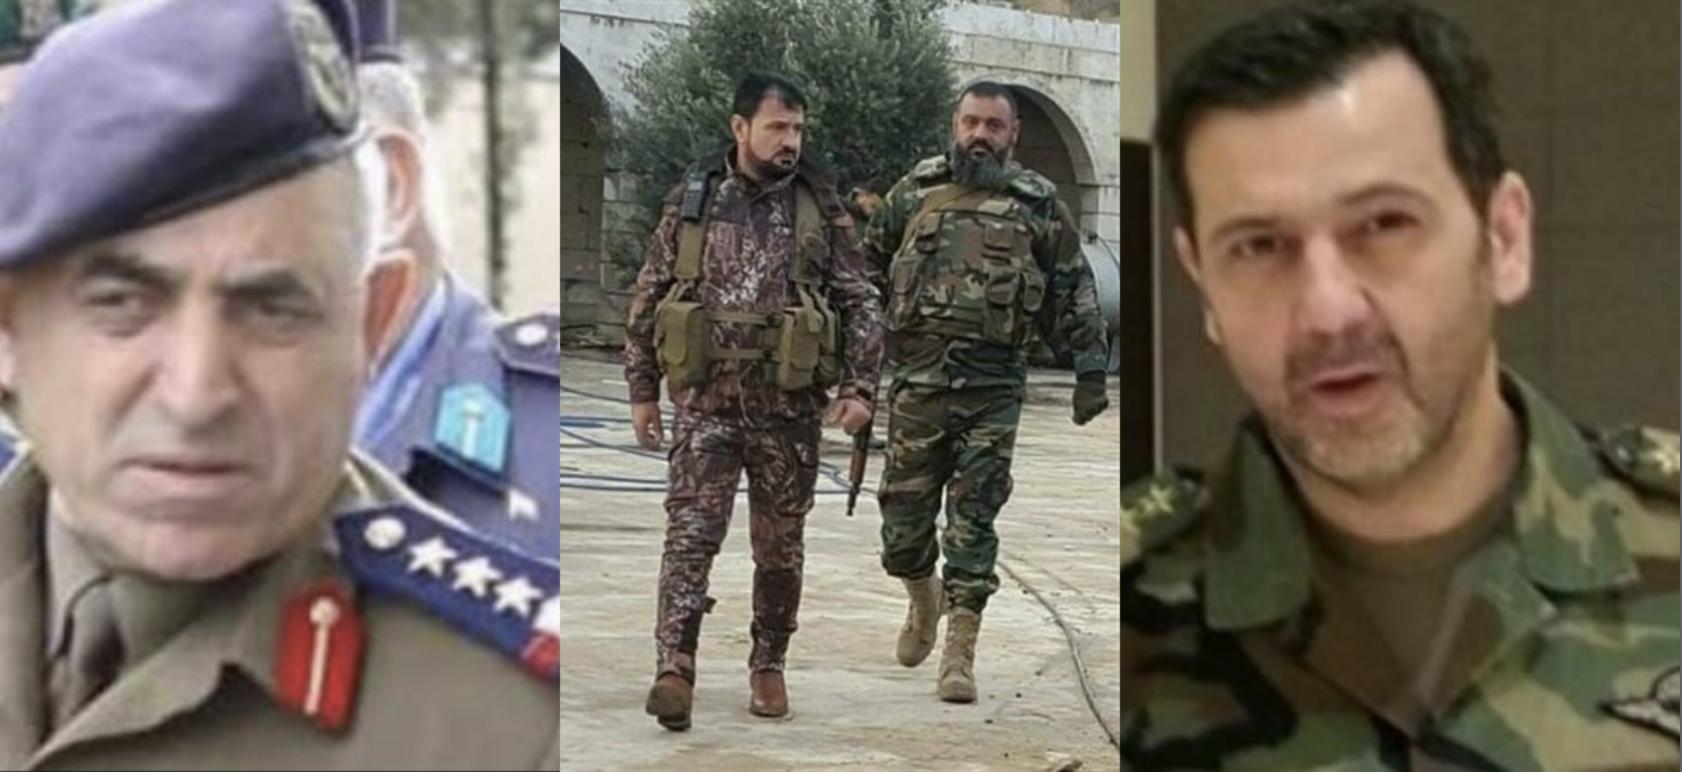 اللواء جميل الحسن و العميد ماهر الأسد و العميد سهيل الحسن